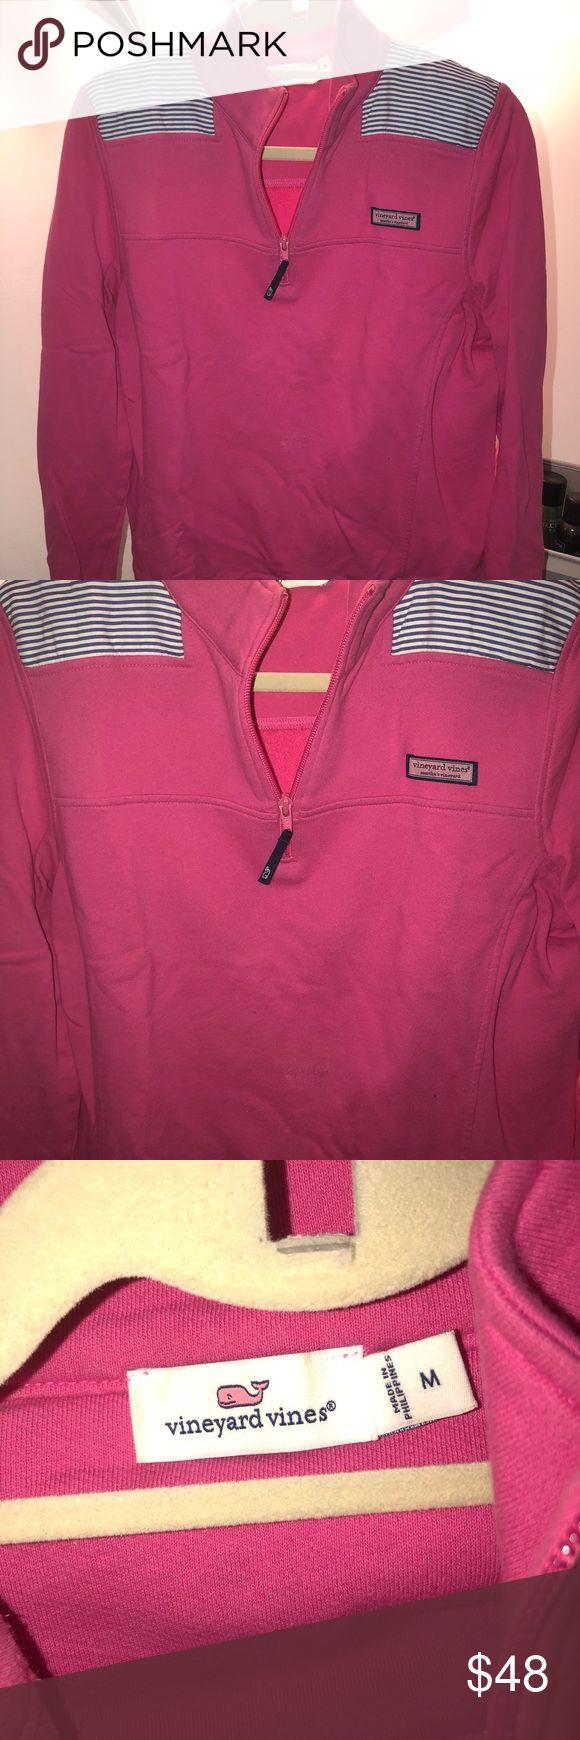 Vineyard Vines Pink Shep Shirt Vineyard Vines Pink Shep Shirt !!! No flaws !!! Like new Vineyard Vines Tops Sweatshirts & Hoodies